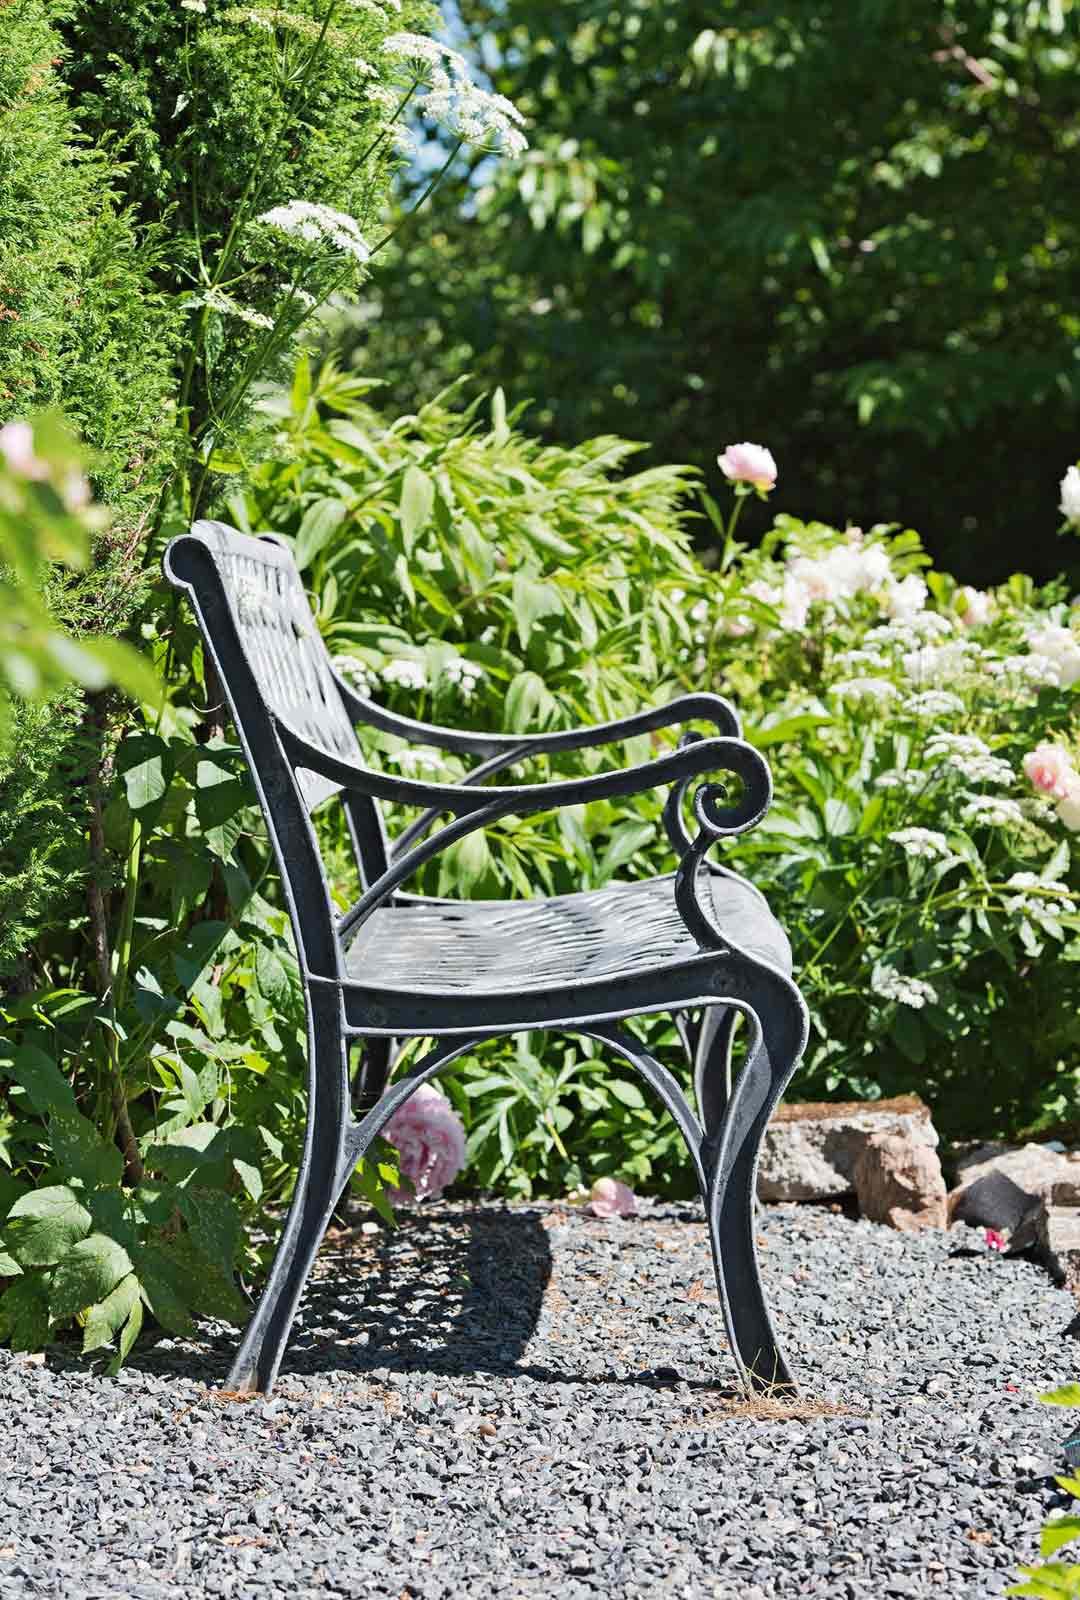 Penkille kukkien keskelle on ihana välillä istahtaa nauttimaan puutarhan tunnelmasta.